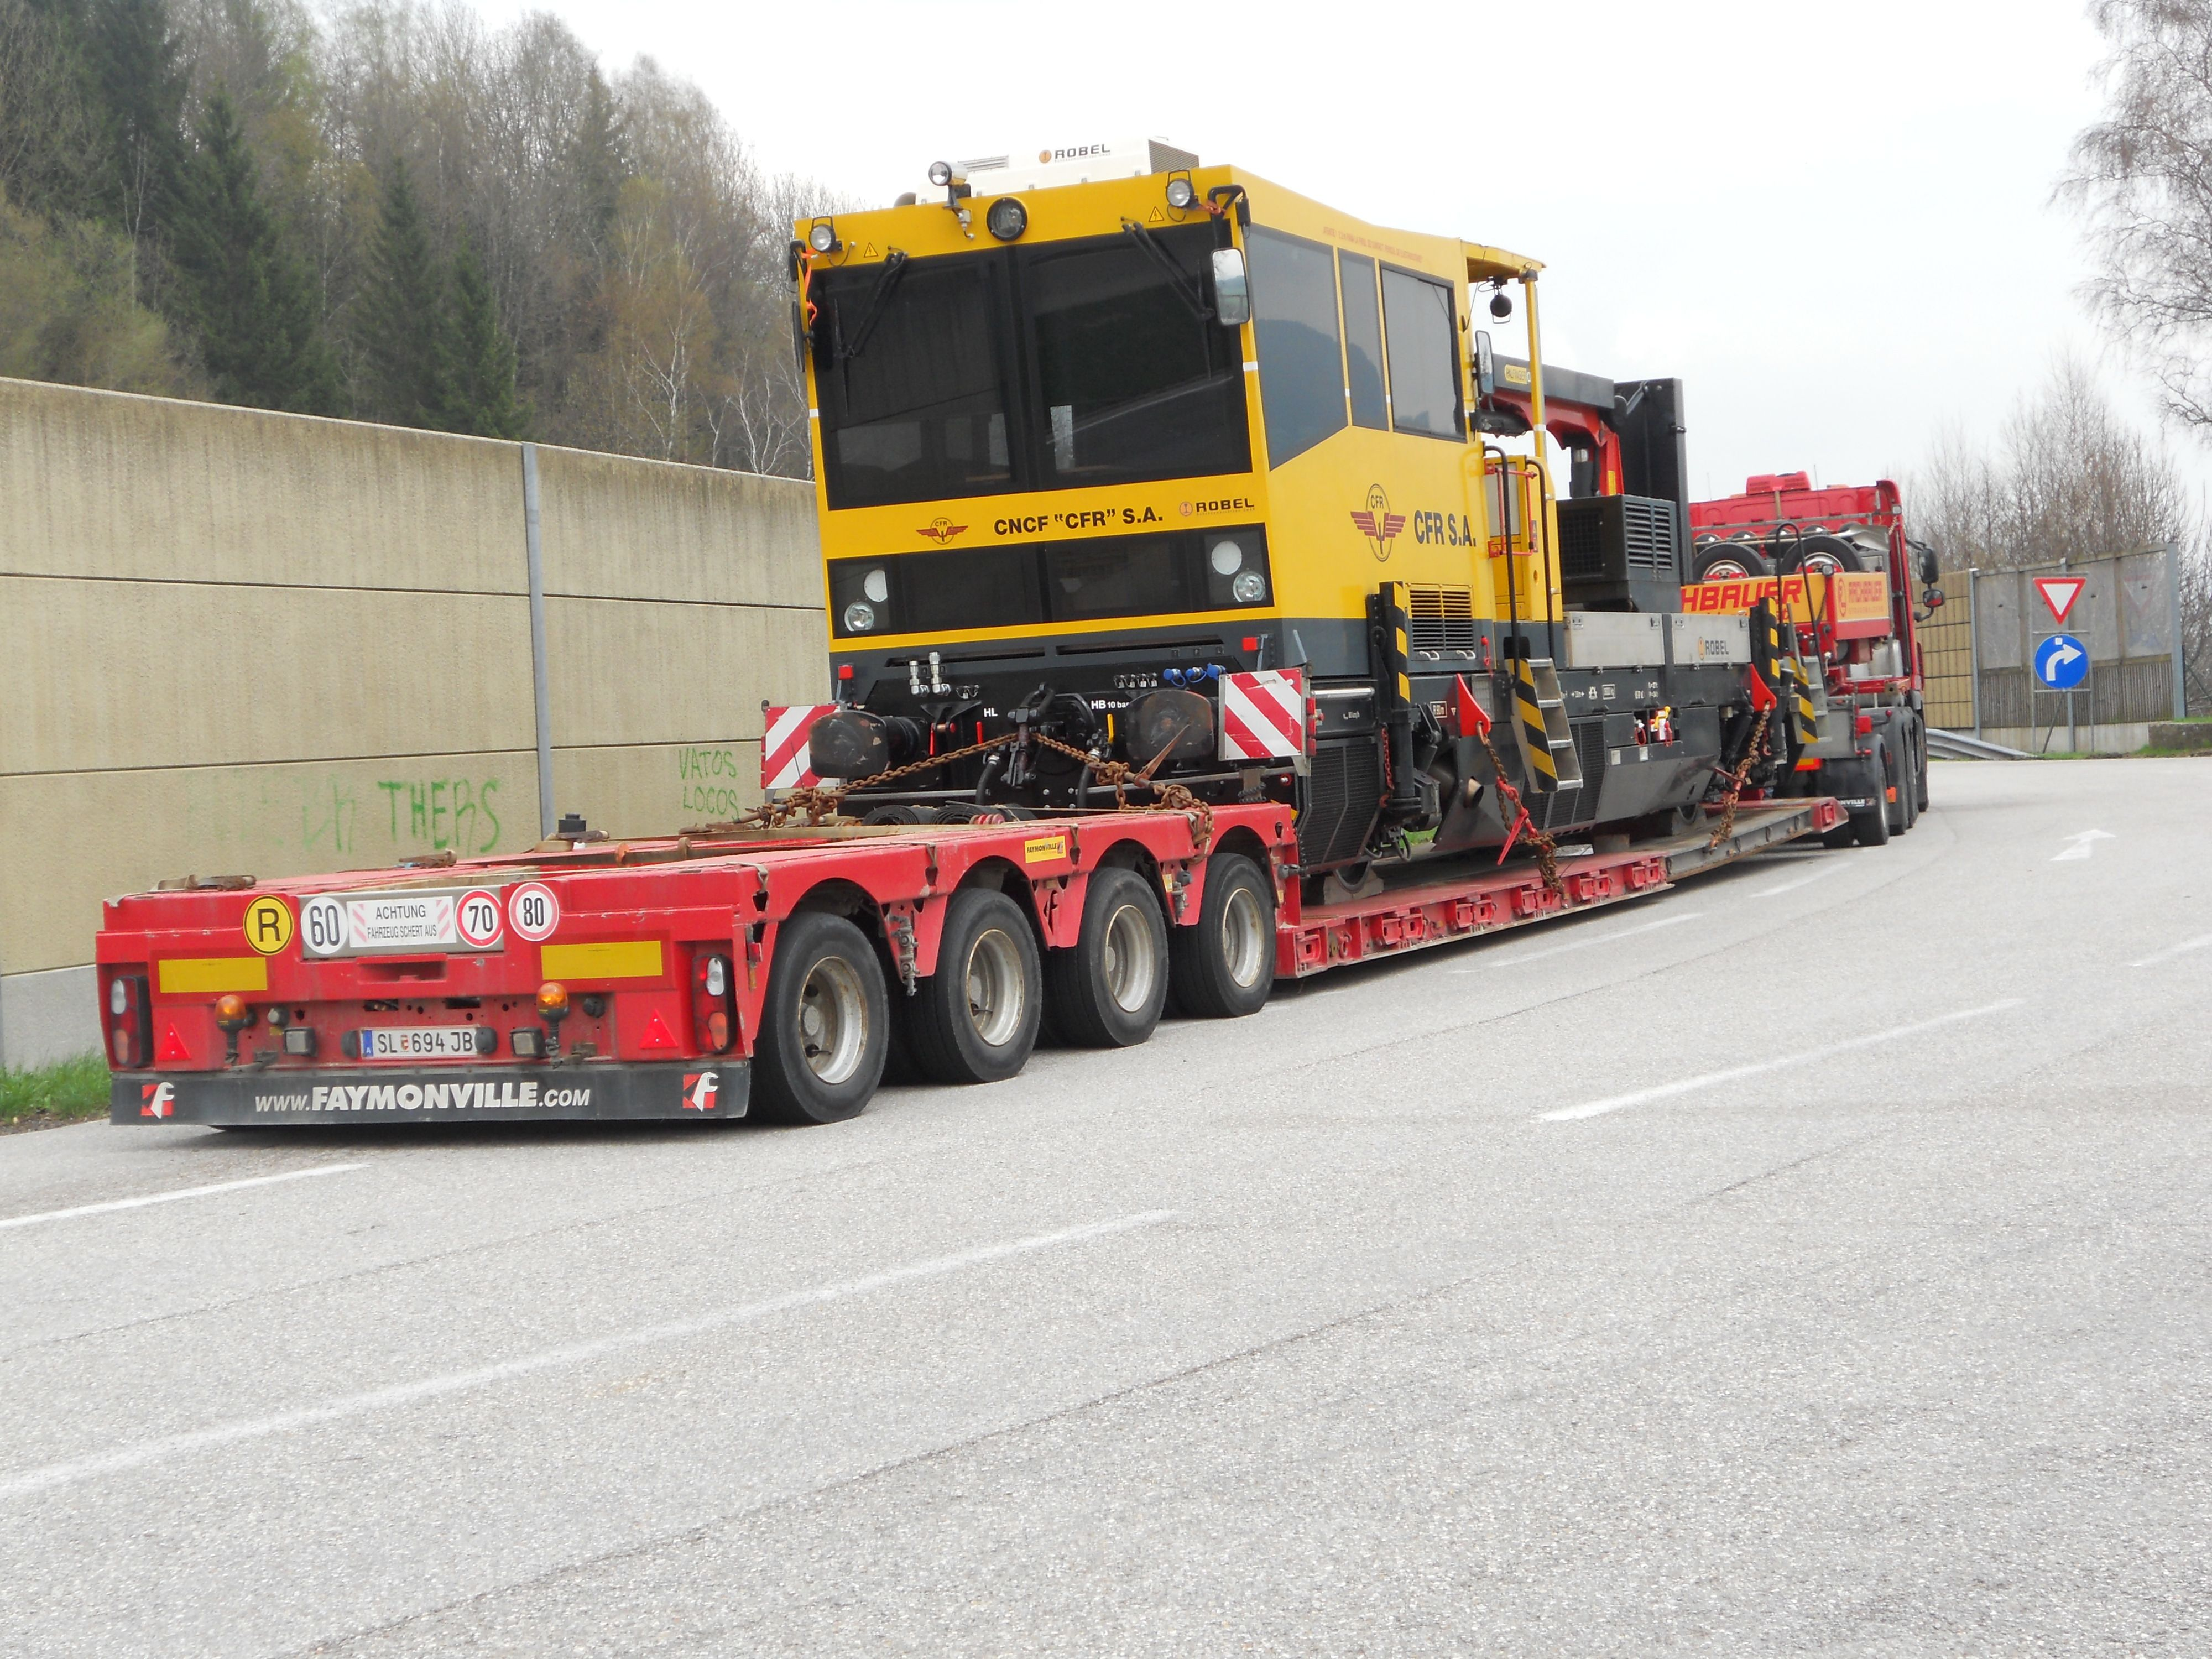 Bahngleiskraftwagen rachpower truck transport trucks